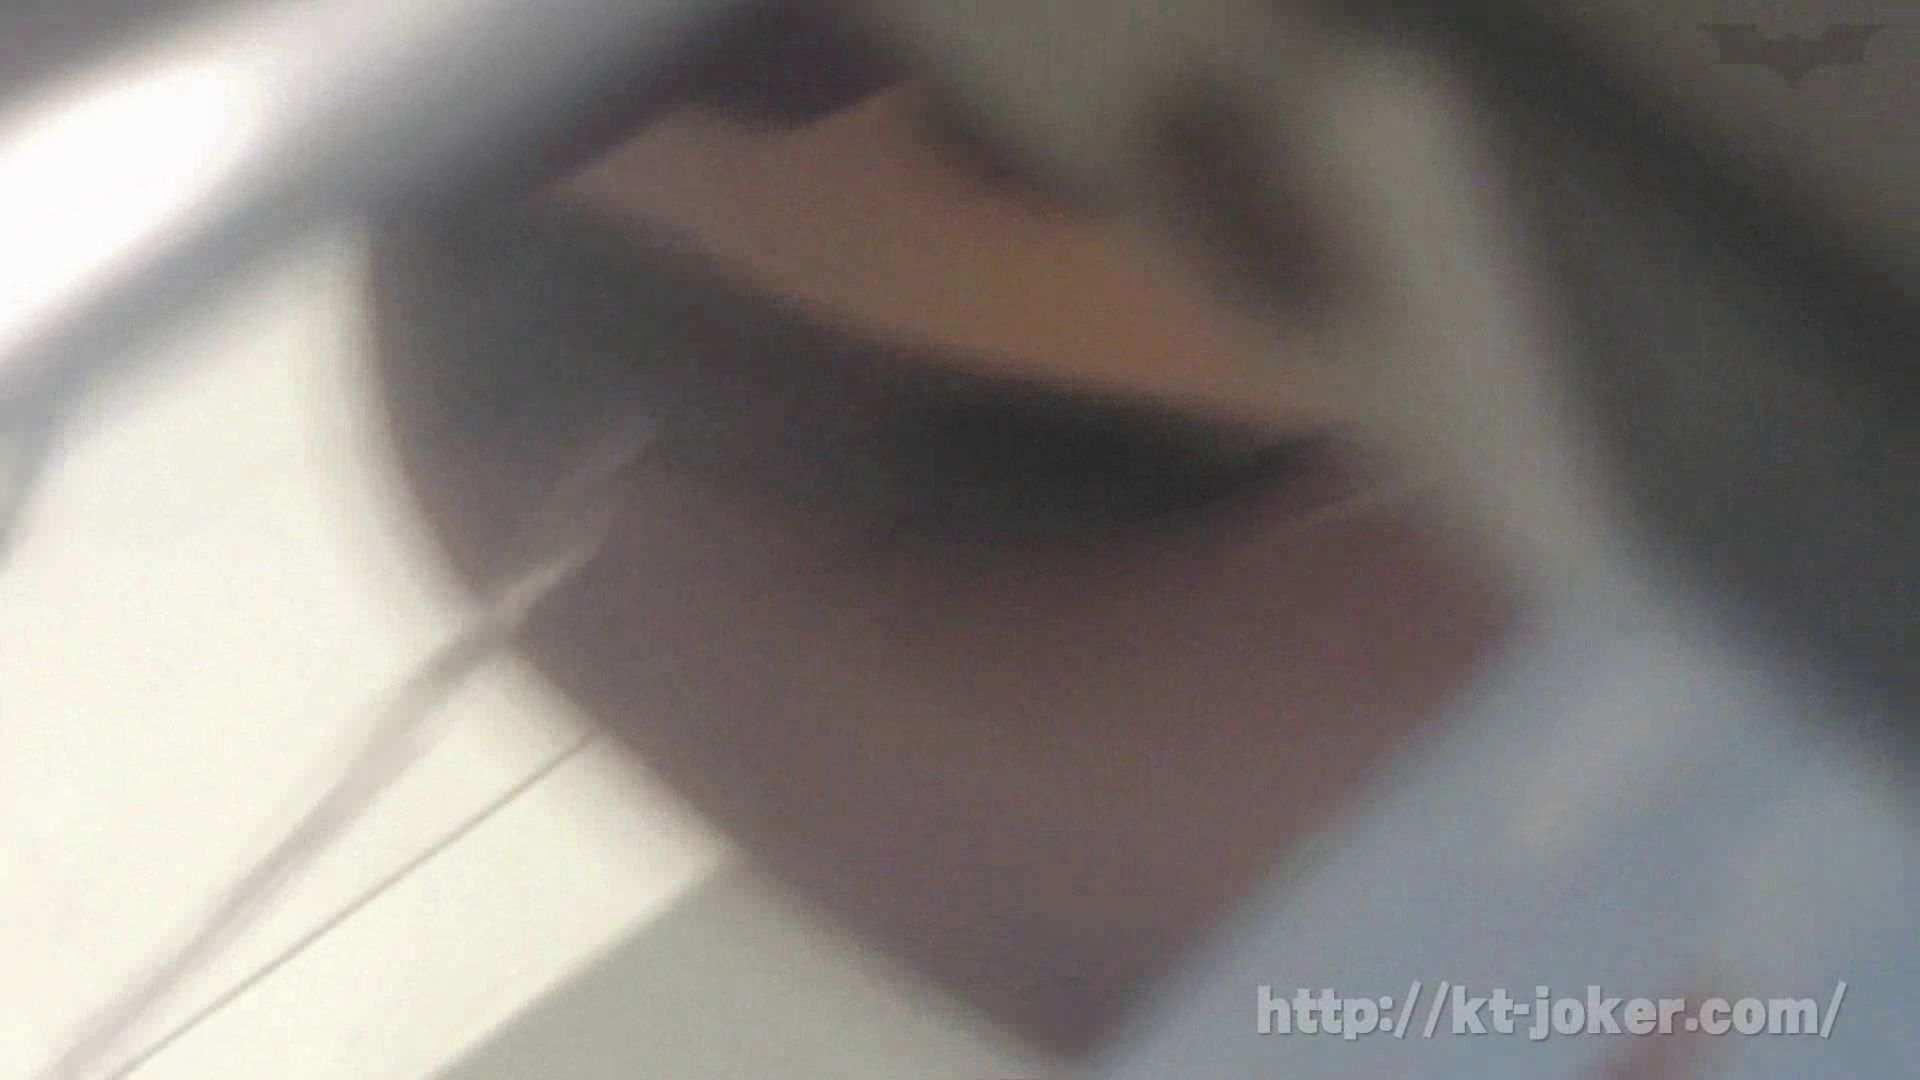 命がけ潜伏洗面所! vol.68 レベルアップ!! 洗面所 AV無料動画キャプチャ 109PIX 101